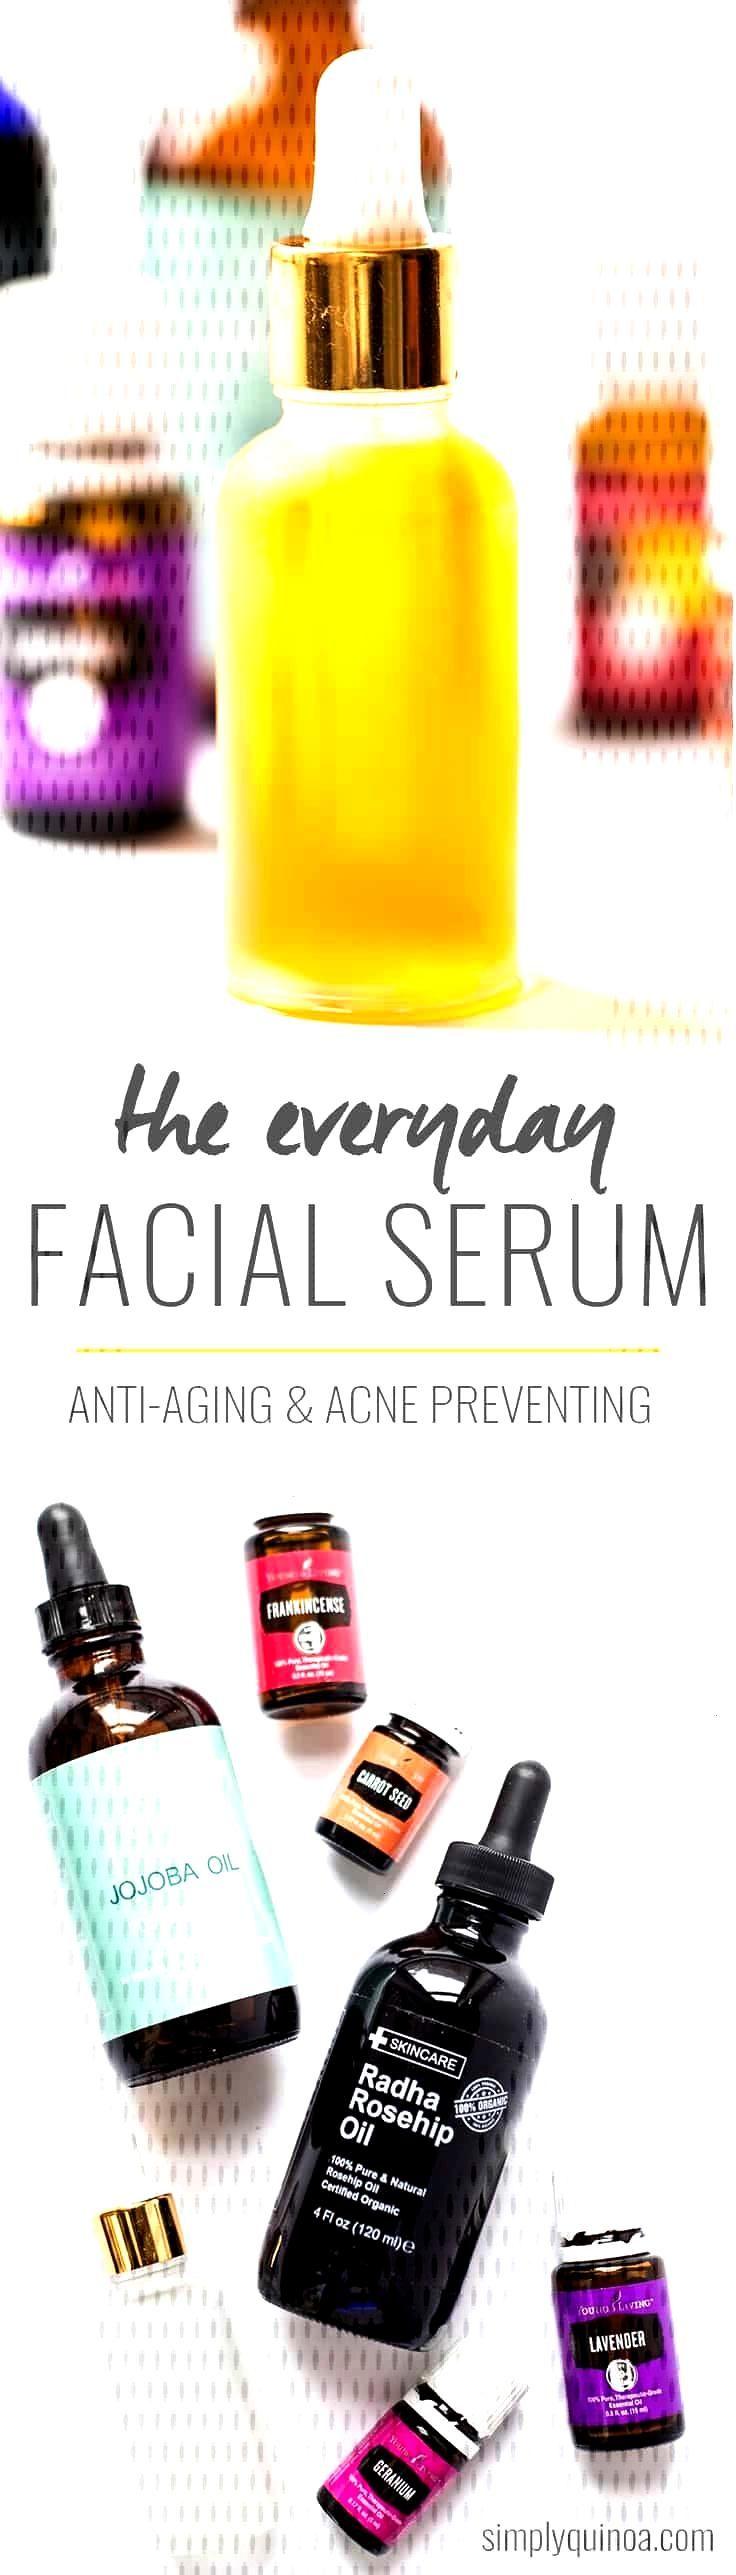 Everyday DIY Facial Serum - Simply Quinoa DIY Everyday Facial Serum made from jojoba oil, rosehip s